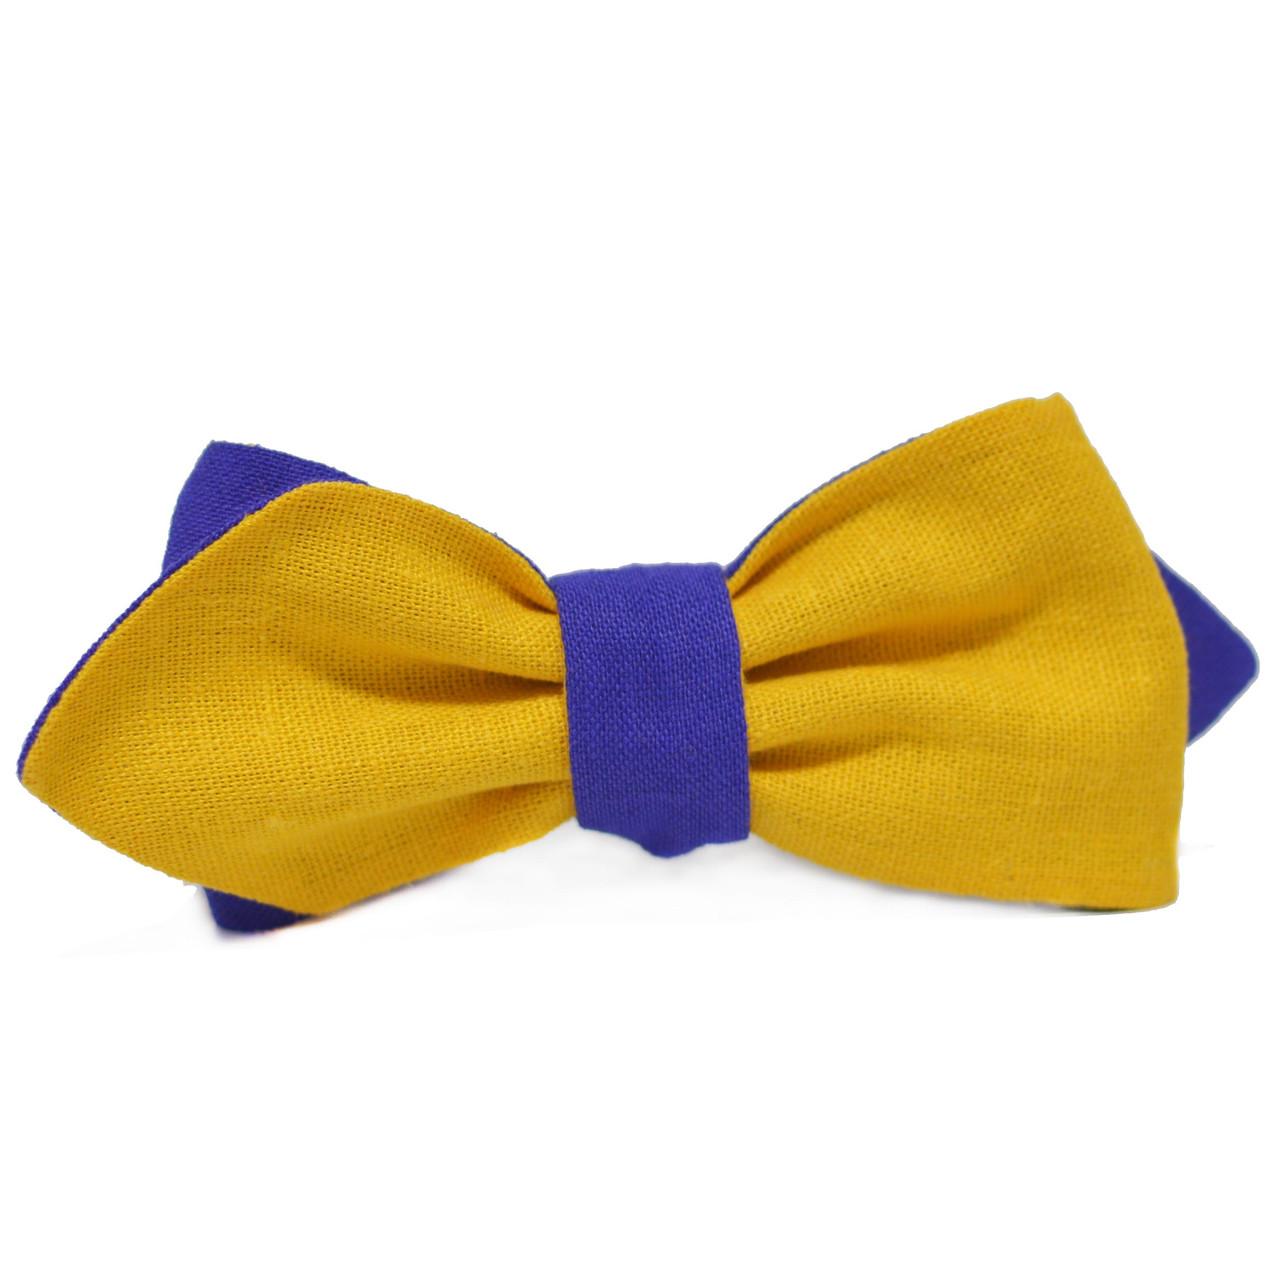 Bow Tie House Галстук-бабочка патриотическая сине-желтая двухсторонняя